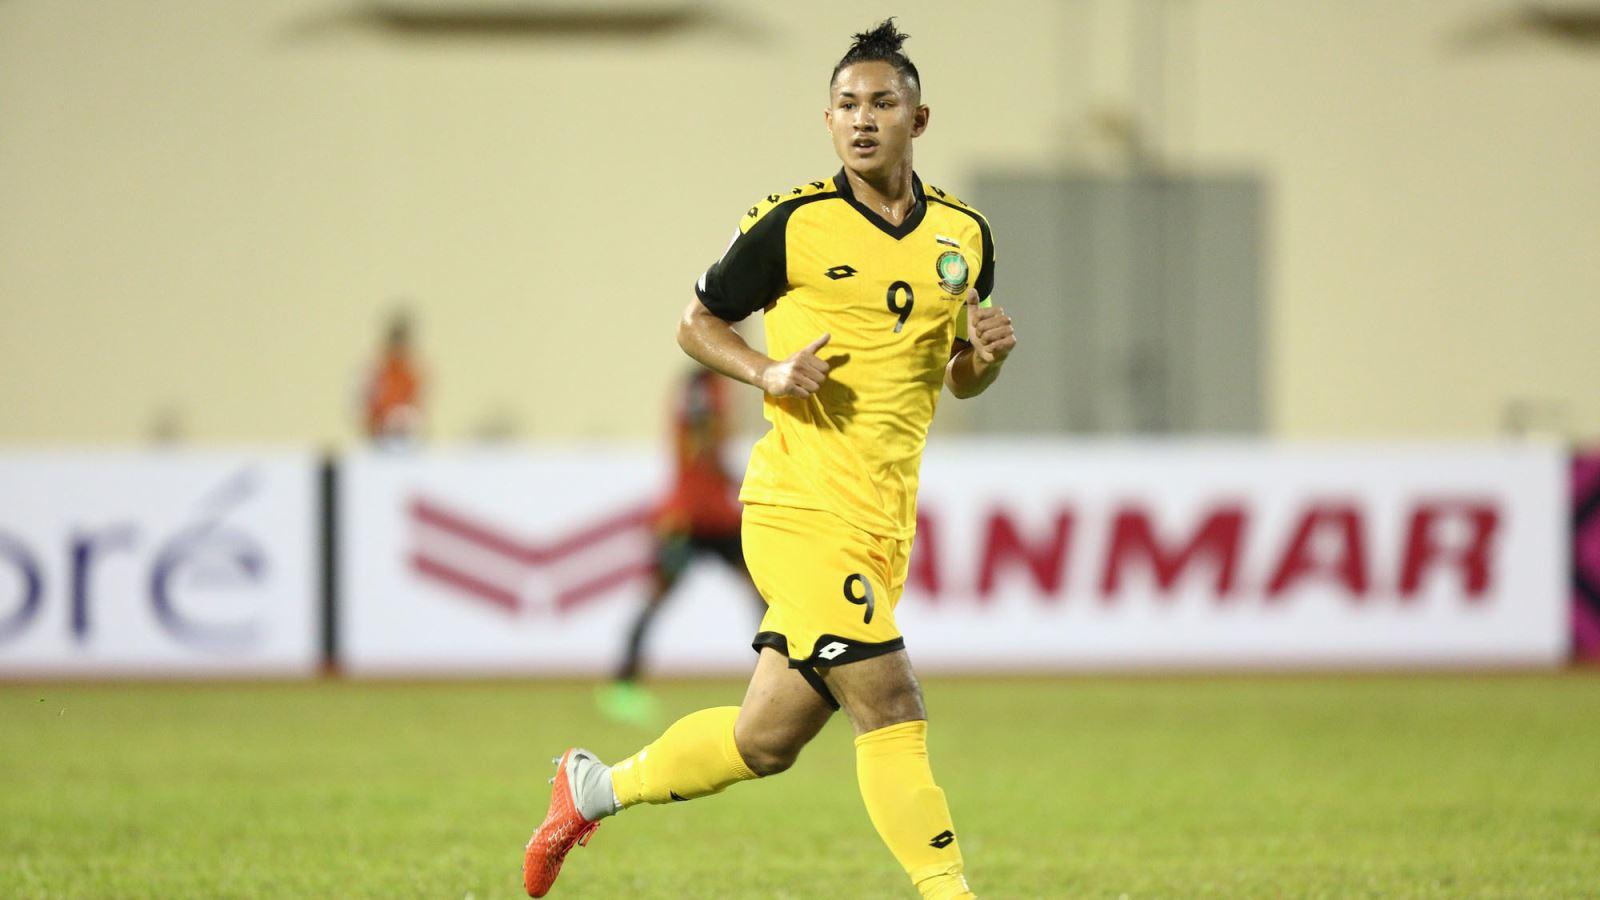 lịch thi đấu SEA Games 30, trực tiếp bóng đá, U22 Việt Nam vs Brunei, VTV6, VTV5 VTV2, VTC1, truc tiep bong da hom nay, U22 VN Brunei, lịch thi đấu bóng đá SEA Games 2019, Faiq Bolkiah